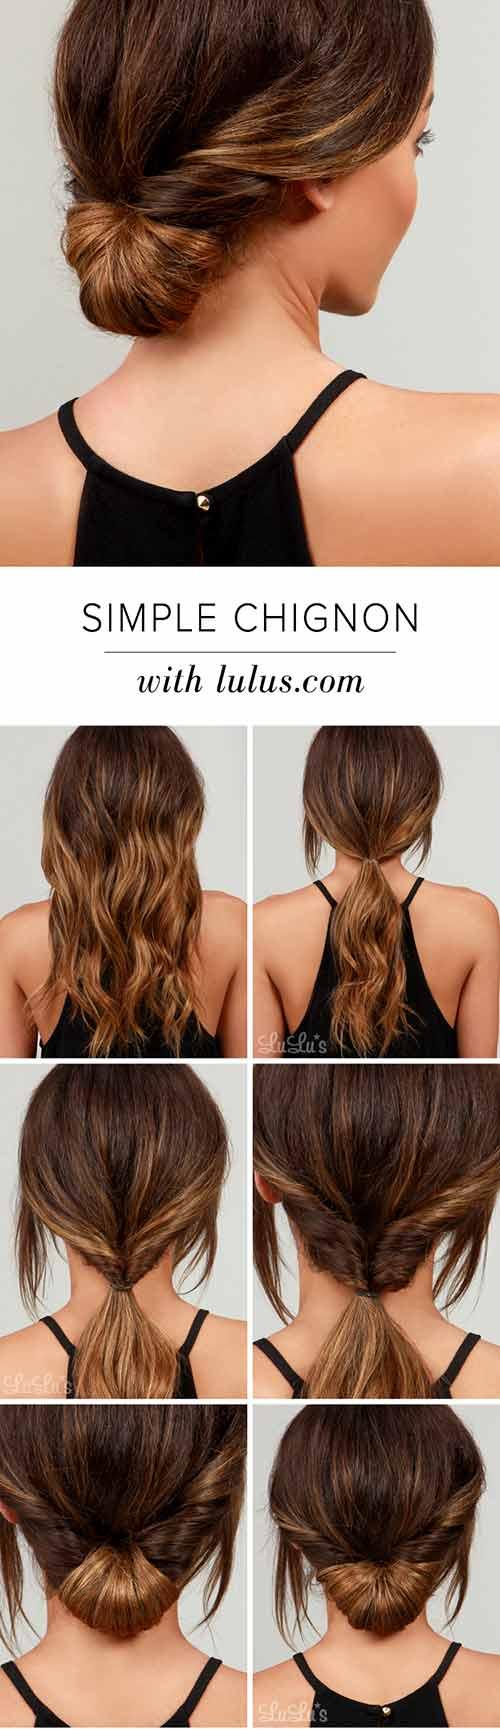 17. Simple Chignon